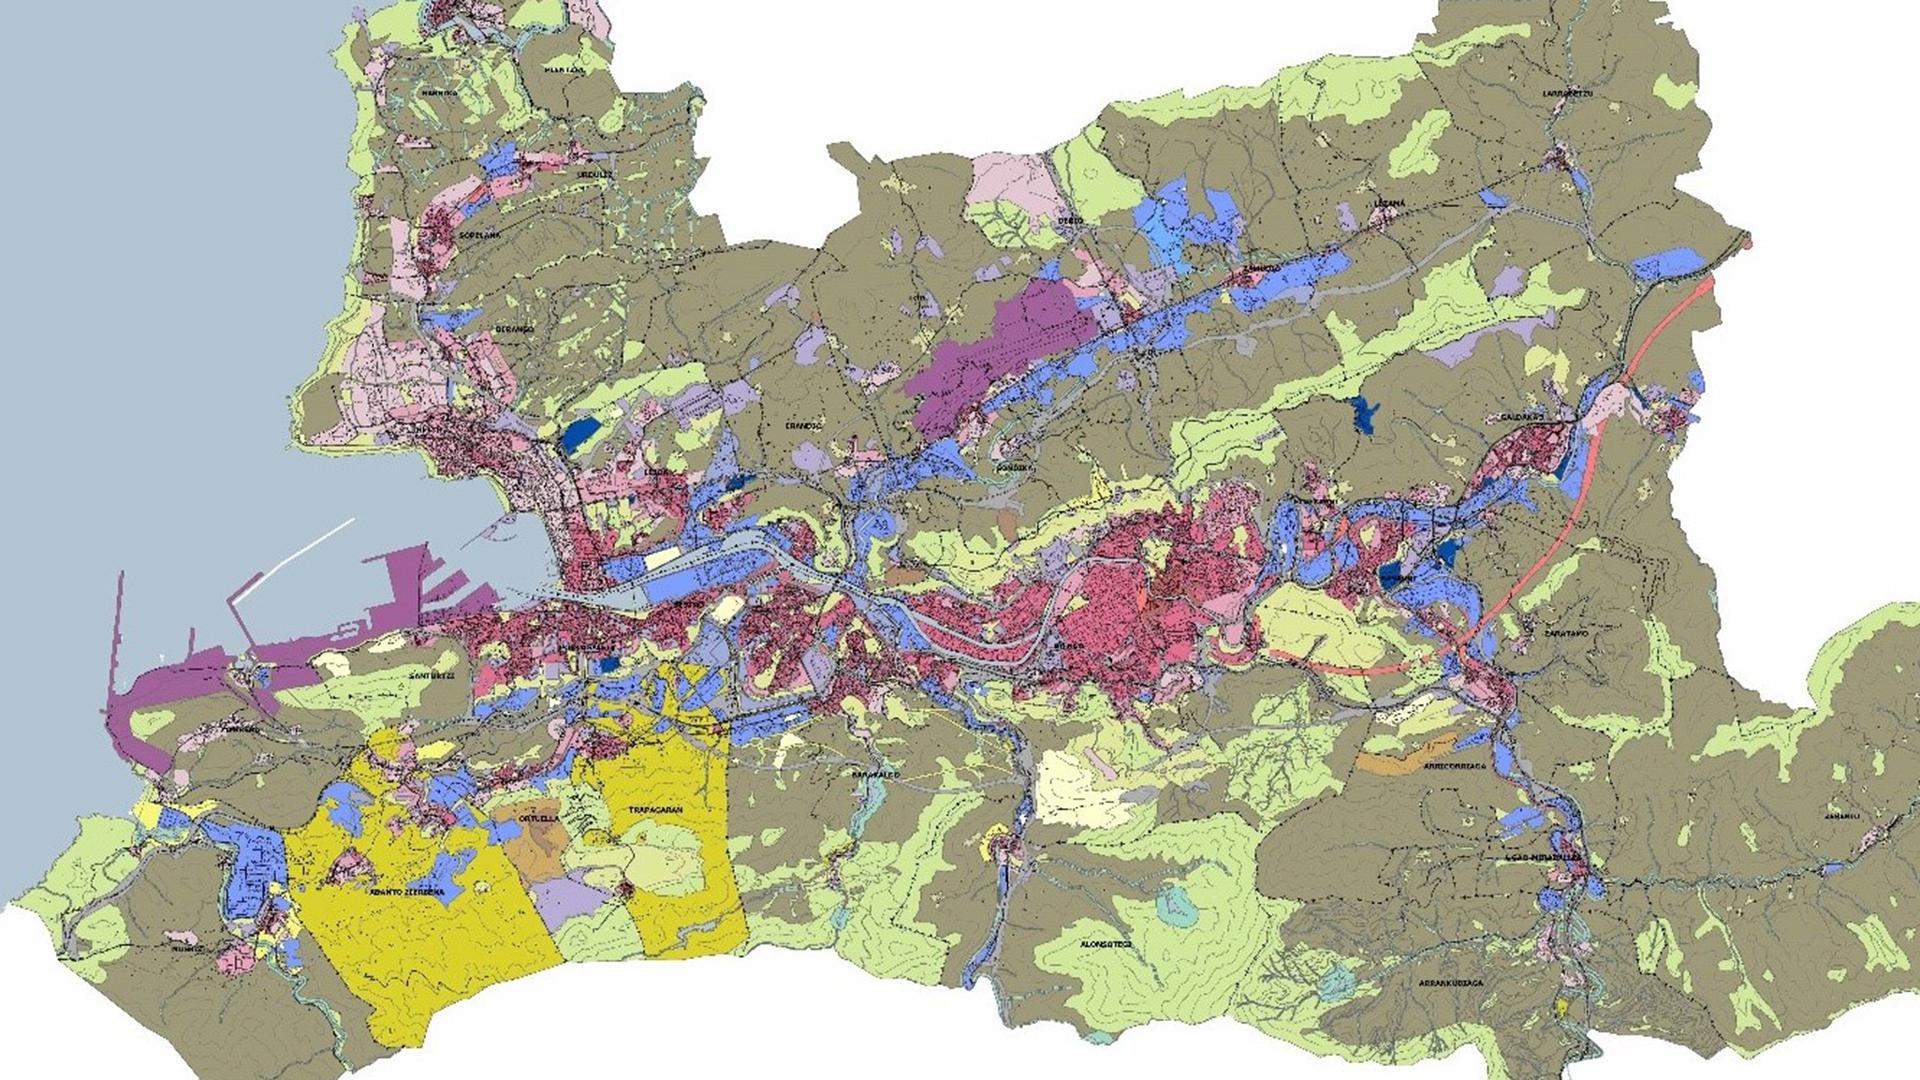 LKS Ingeniería y Arquitectura redactará el Documento de Aprobación Inicial de la Revisión del Plan Territorial Parcial del Área Funcional de Bilbao Metropolitano (PTPBM)